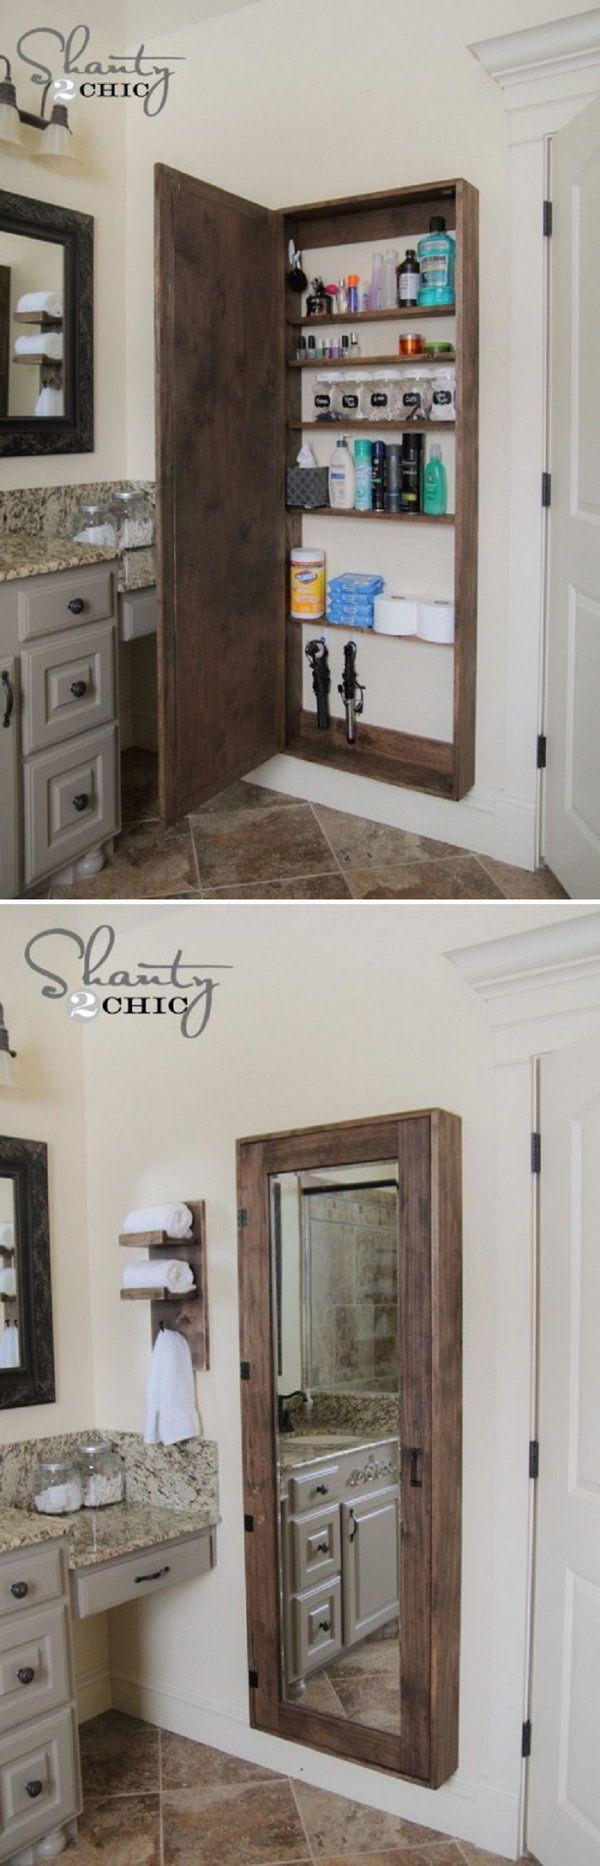 Bathroom wall organizers - 20 Clever Bathroom Storage Ideas